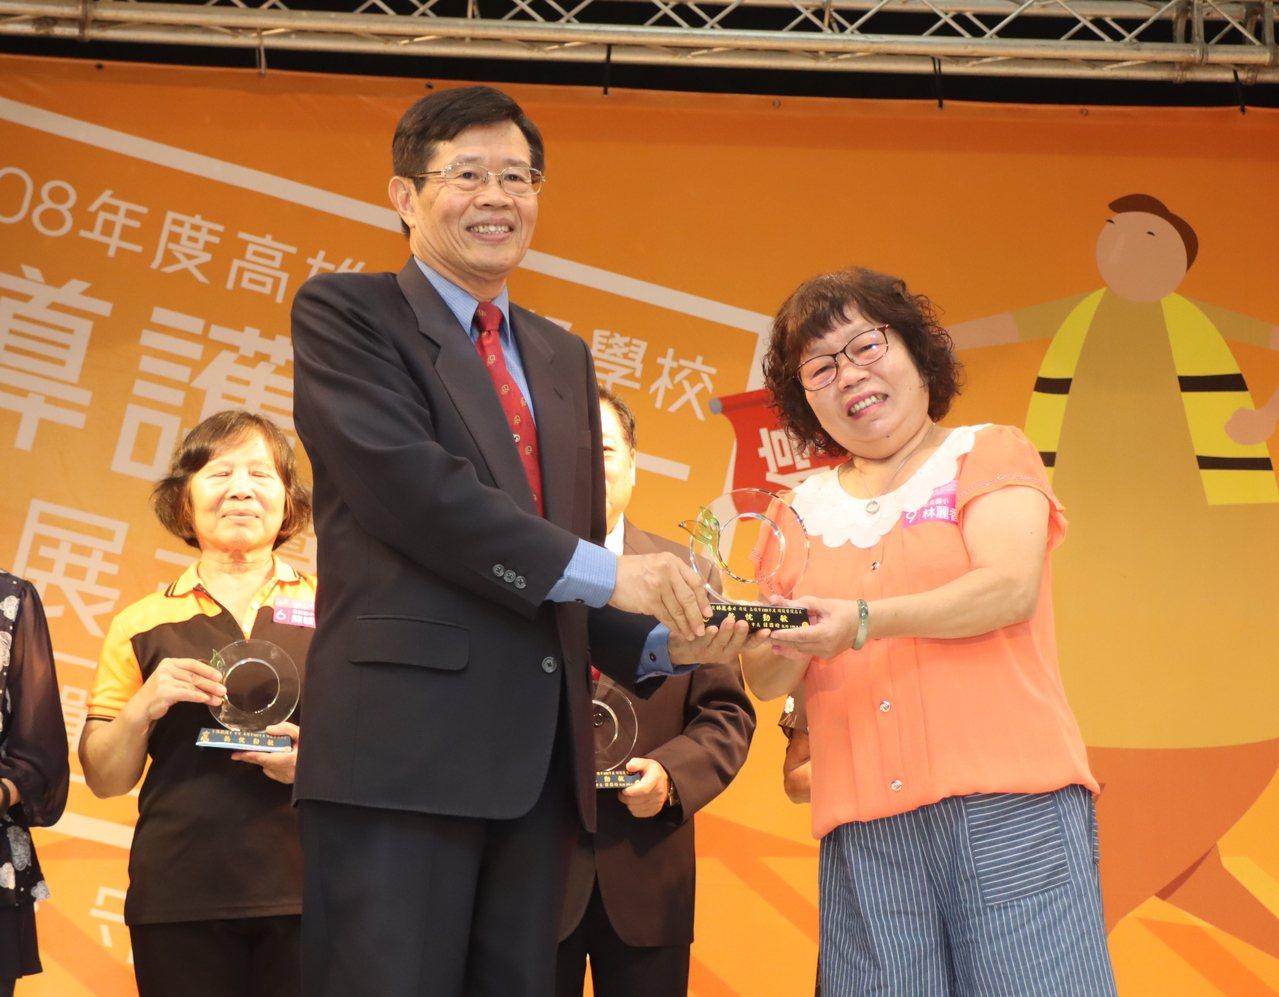 高雄市府祕書長楊明州(左)頒獎表揚優秀導護志工。記者徐如宜/攝影